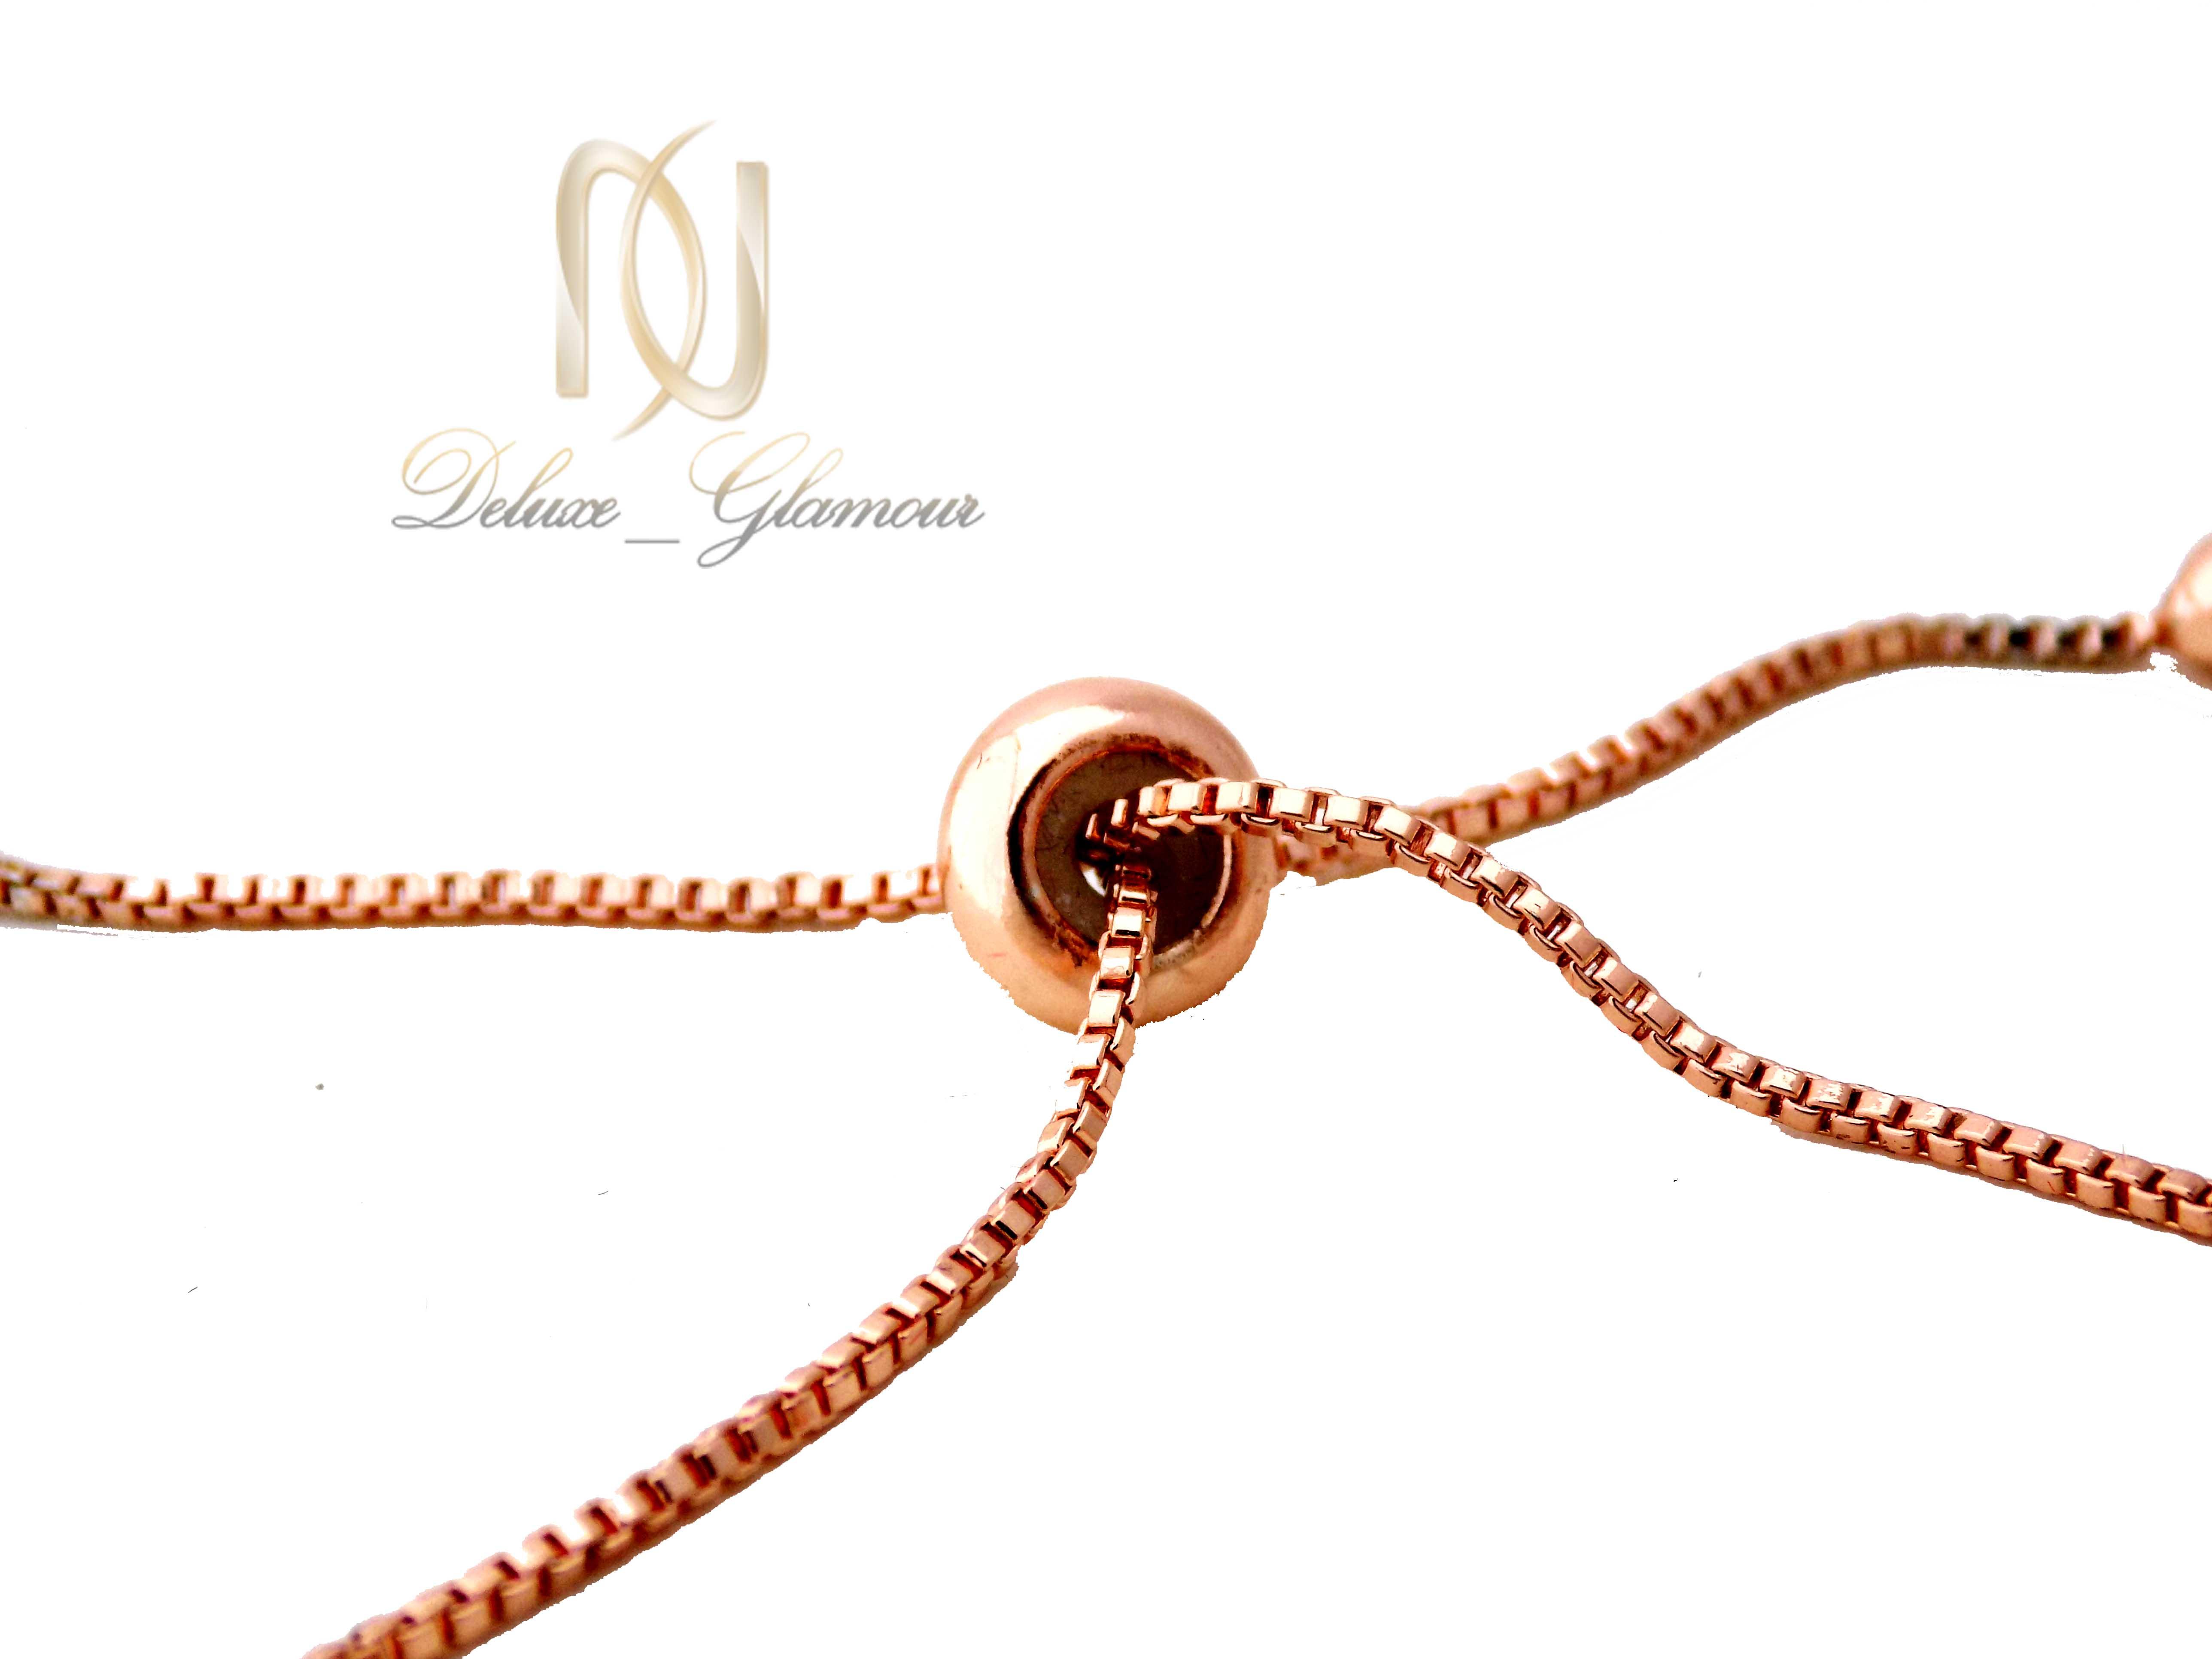 دستبند دخترانه کلیو با سنگ اوپال قیمتی ds-n400 از نمای پشت